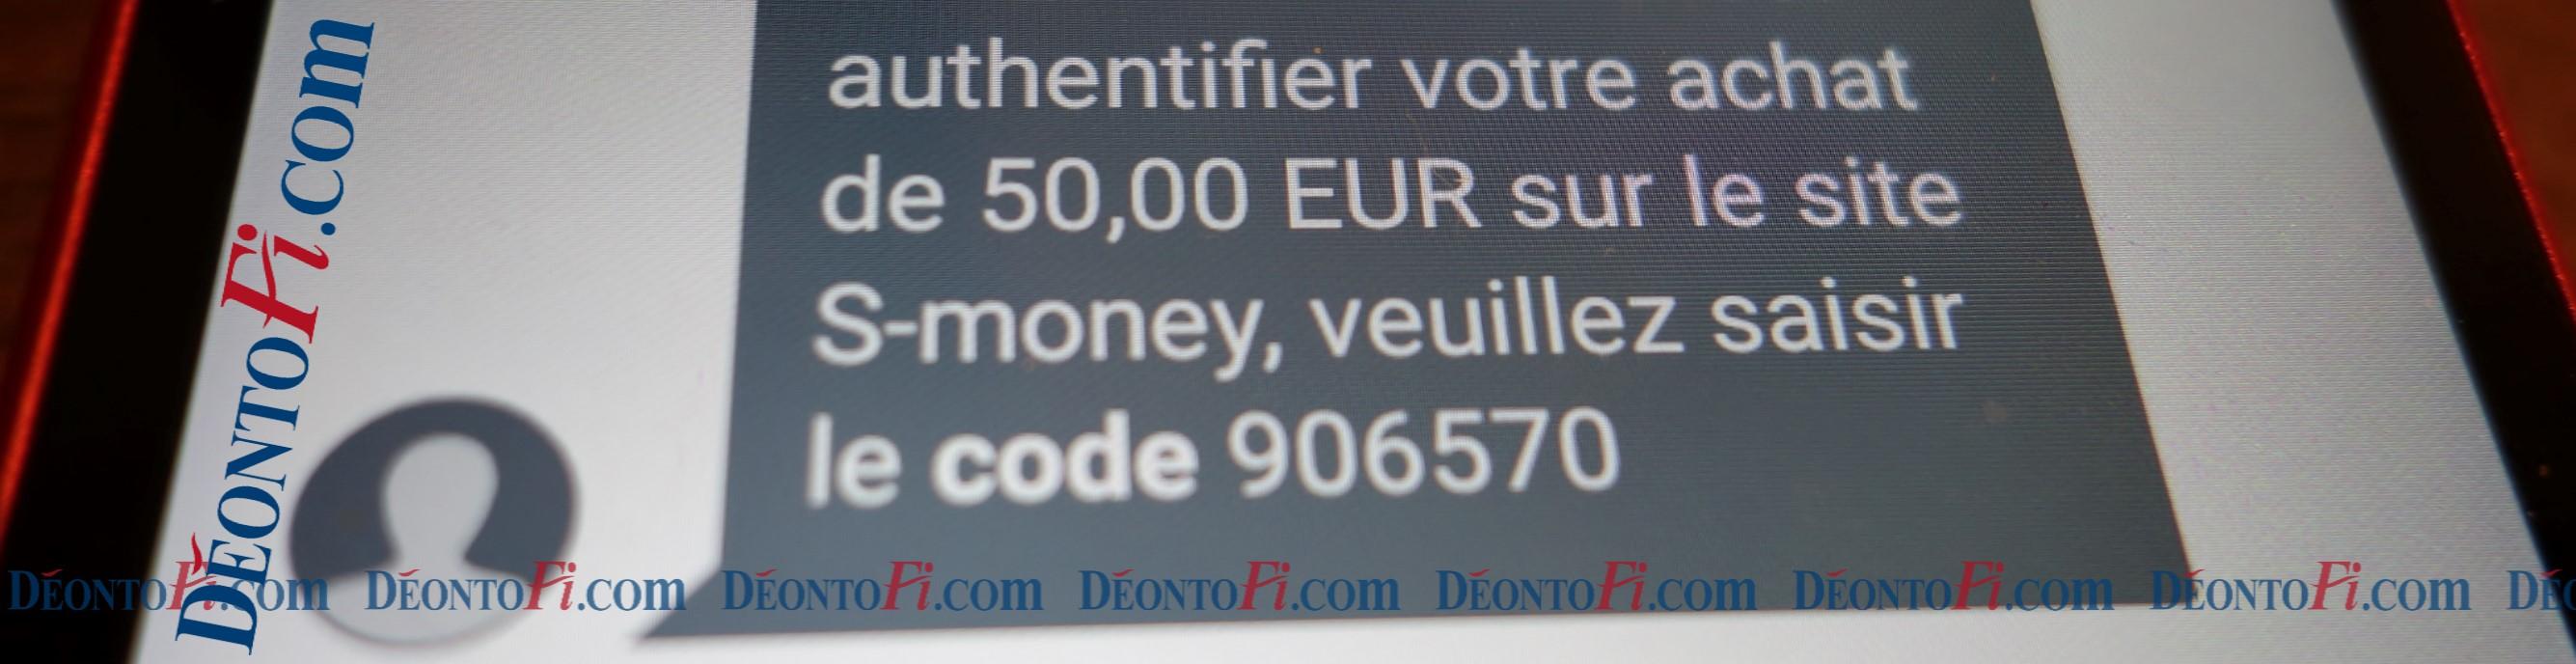 Fraude aux cartes de crédit avec code SMS, les banques doivent